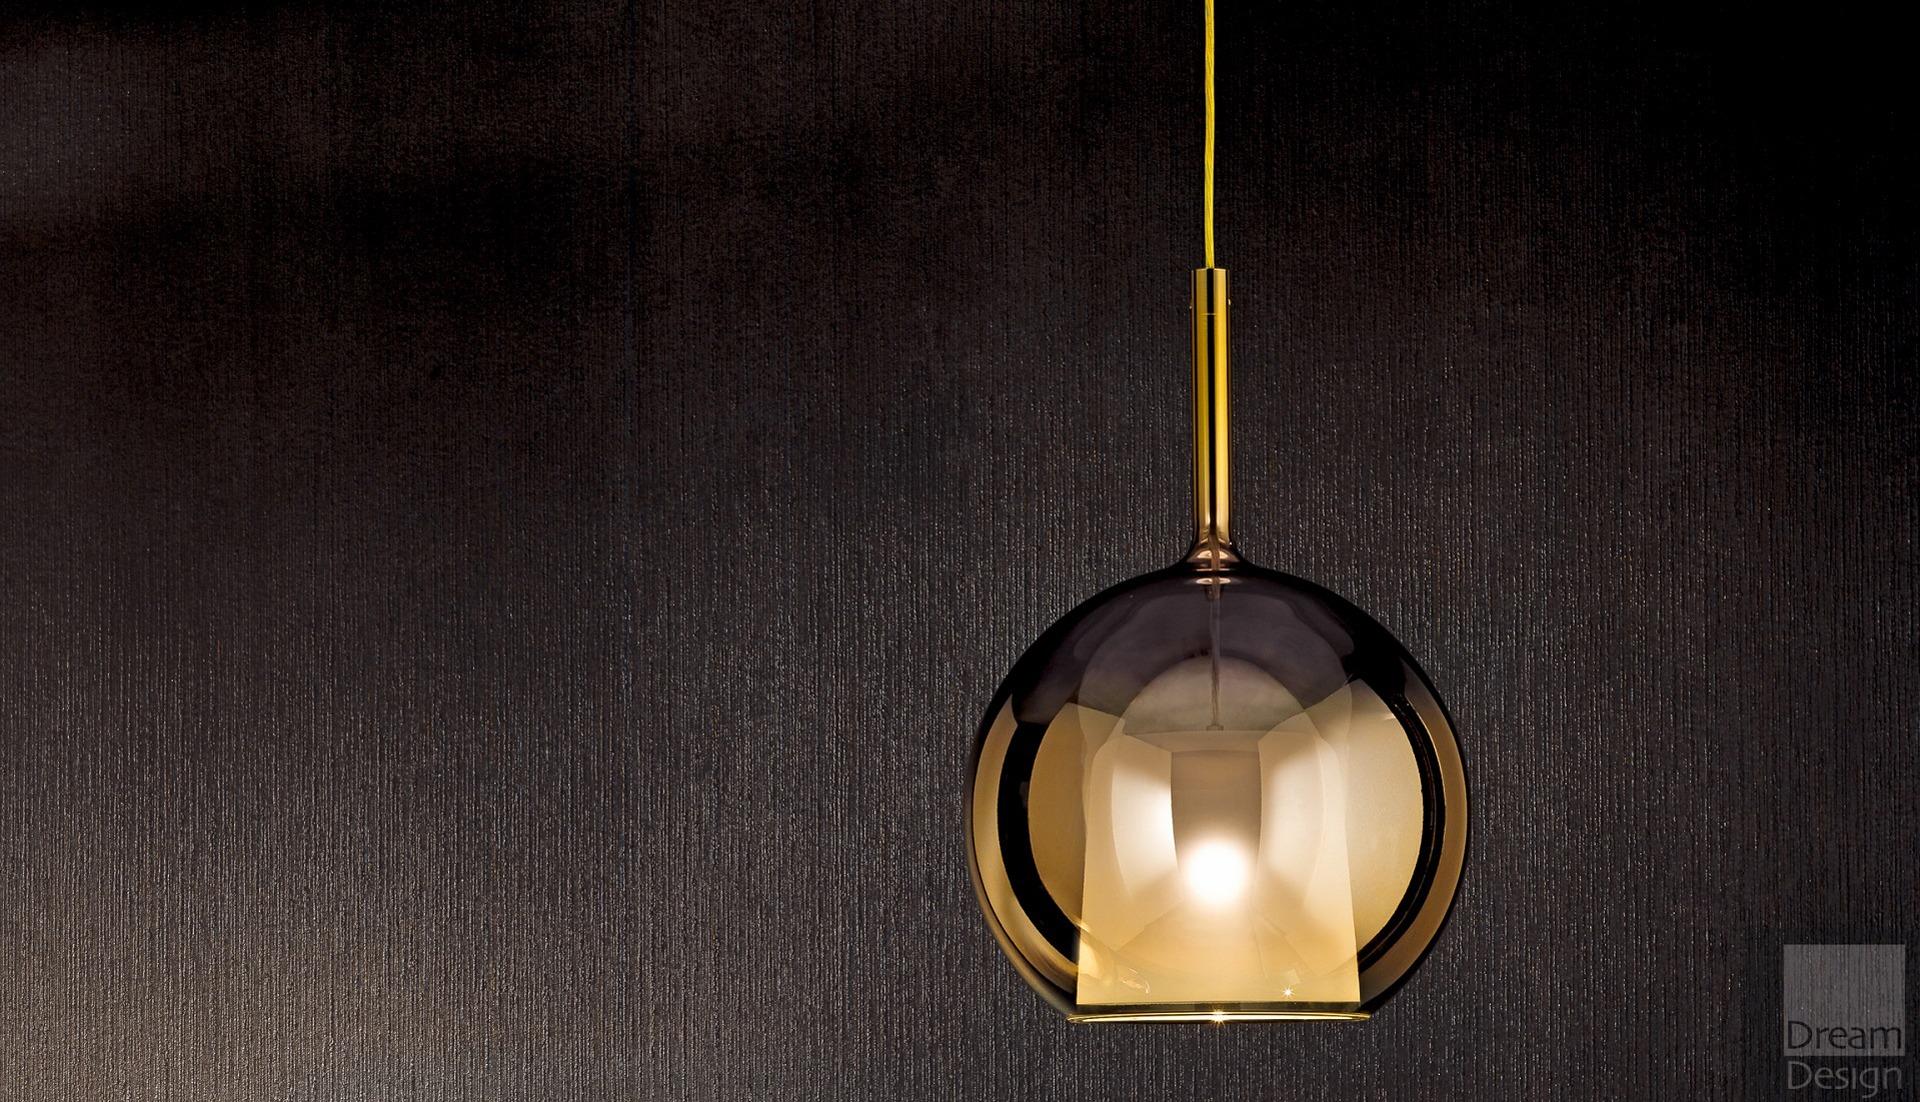 Penta Glo Pendant Light Dream Design Interiors Ltd